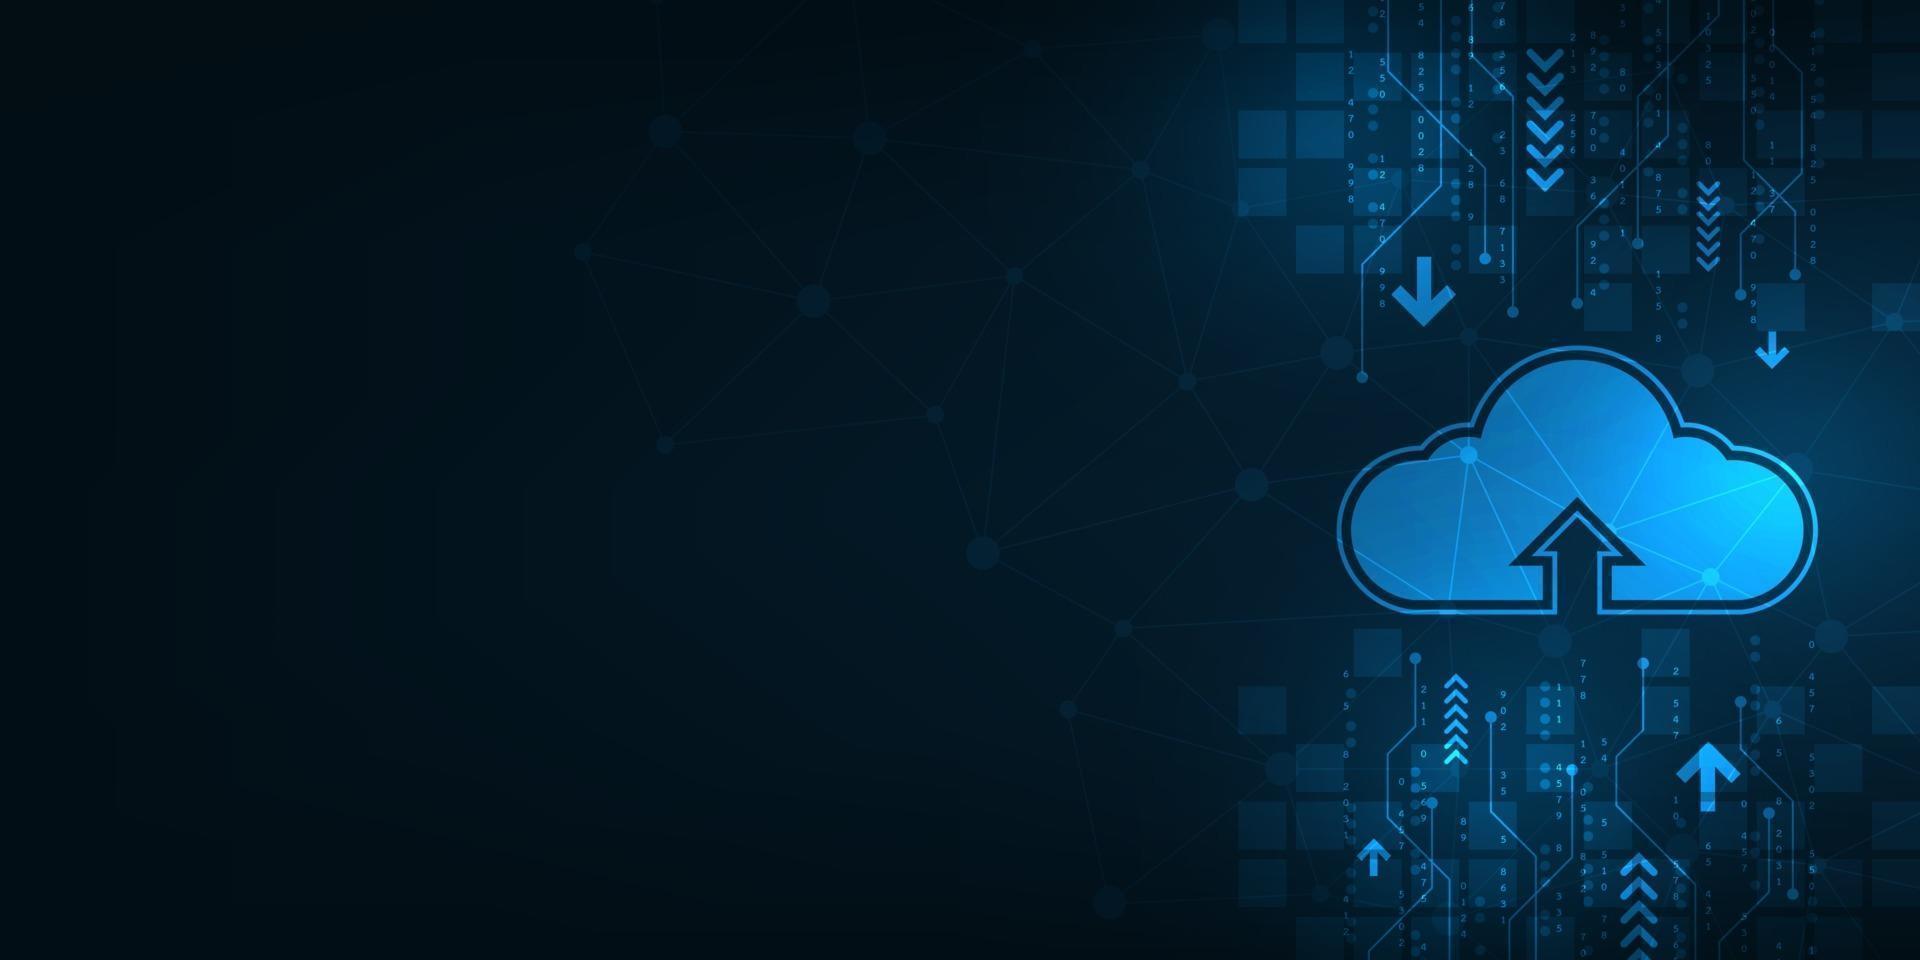 interface de nuvem que mostra o upload de dados para a internet. vetor